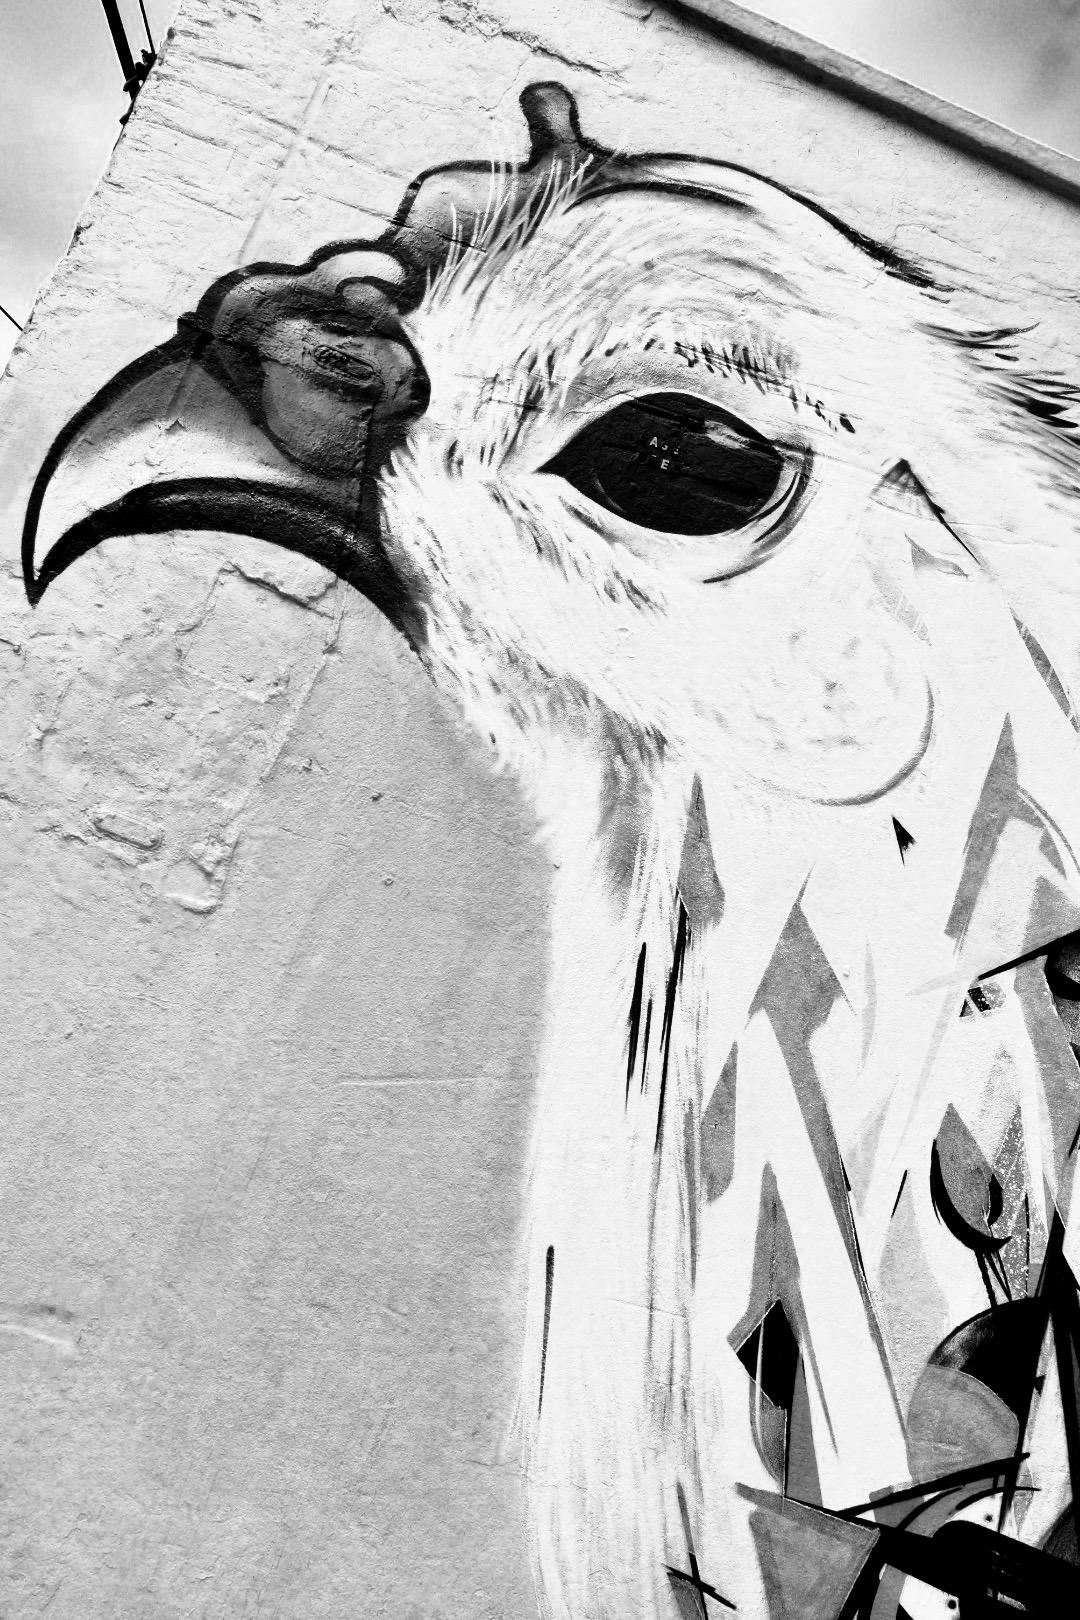 Big Bird: A Street Mural